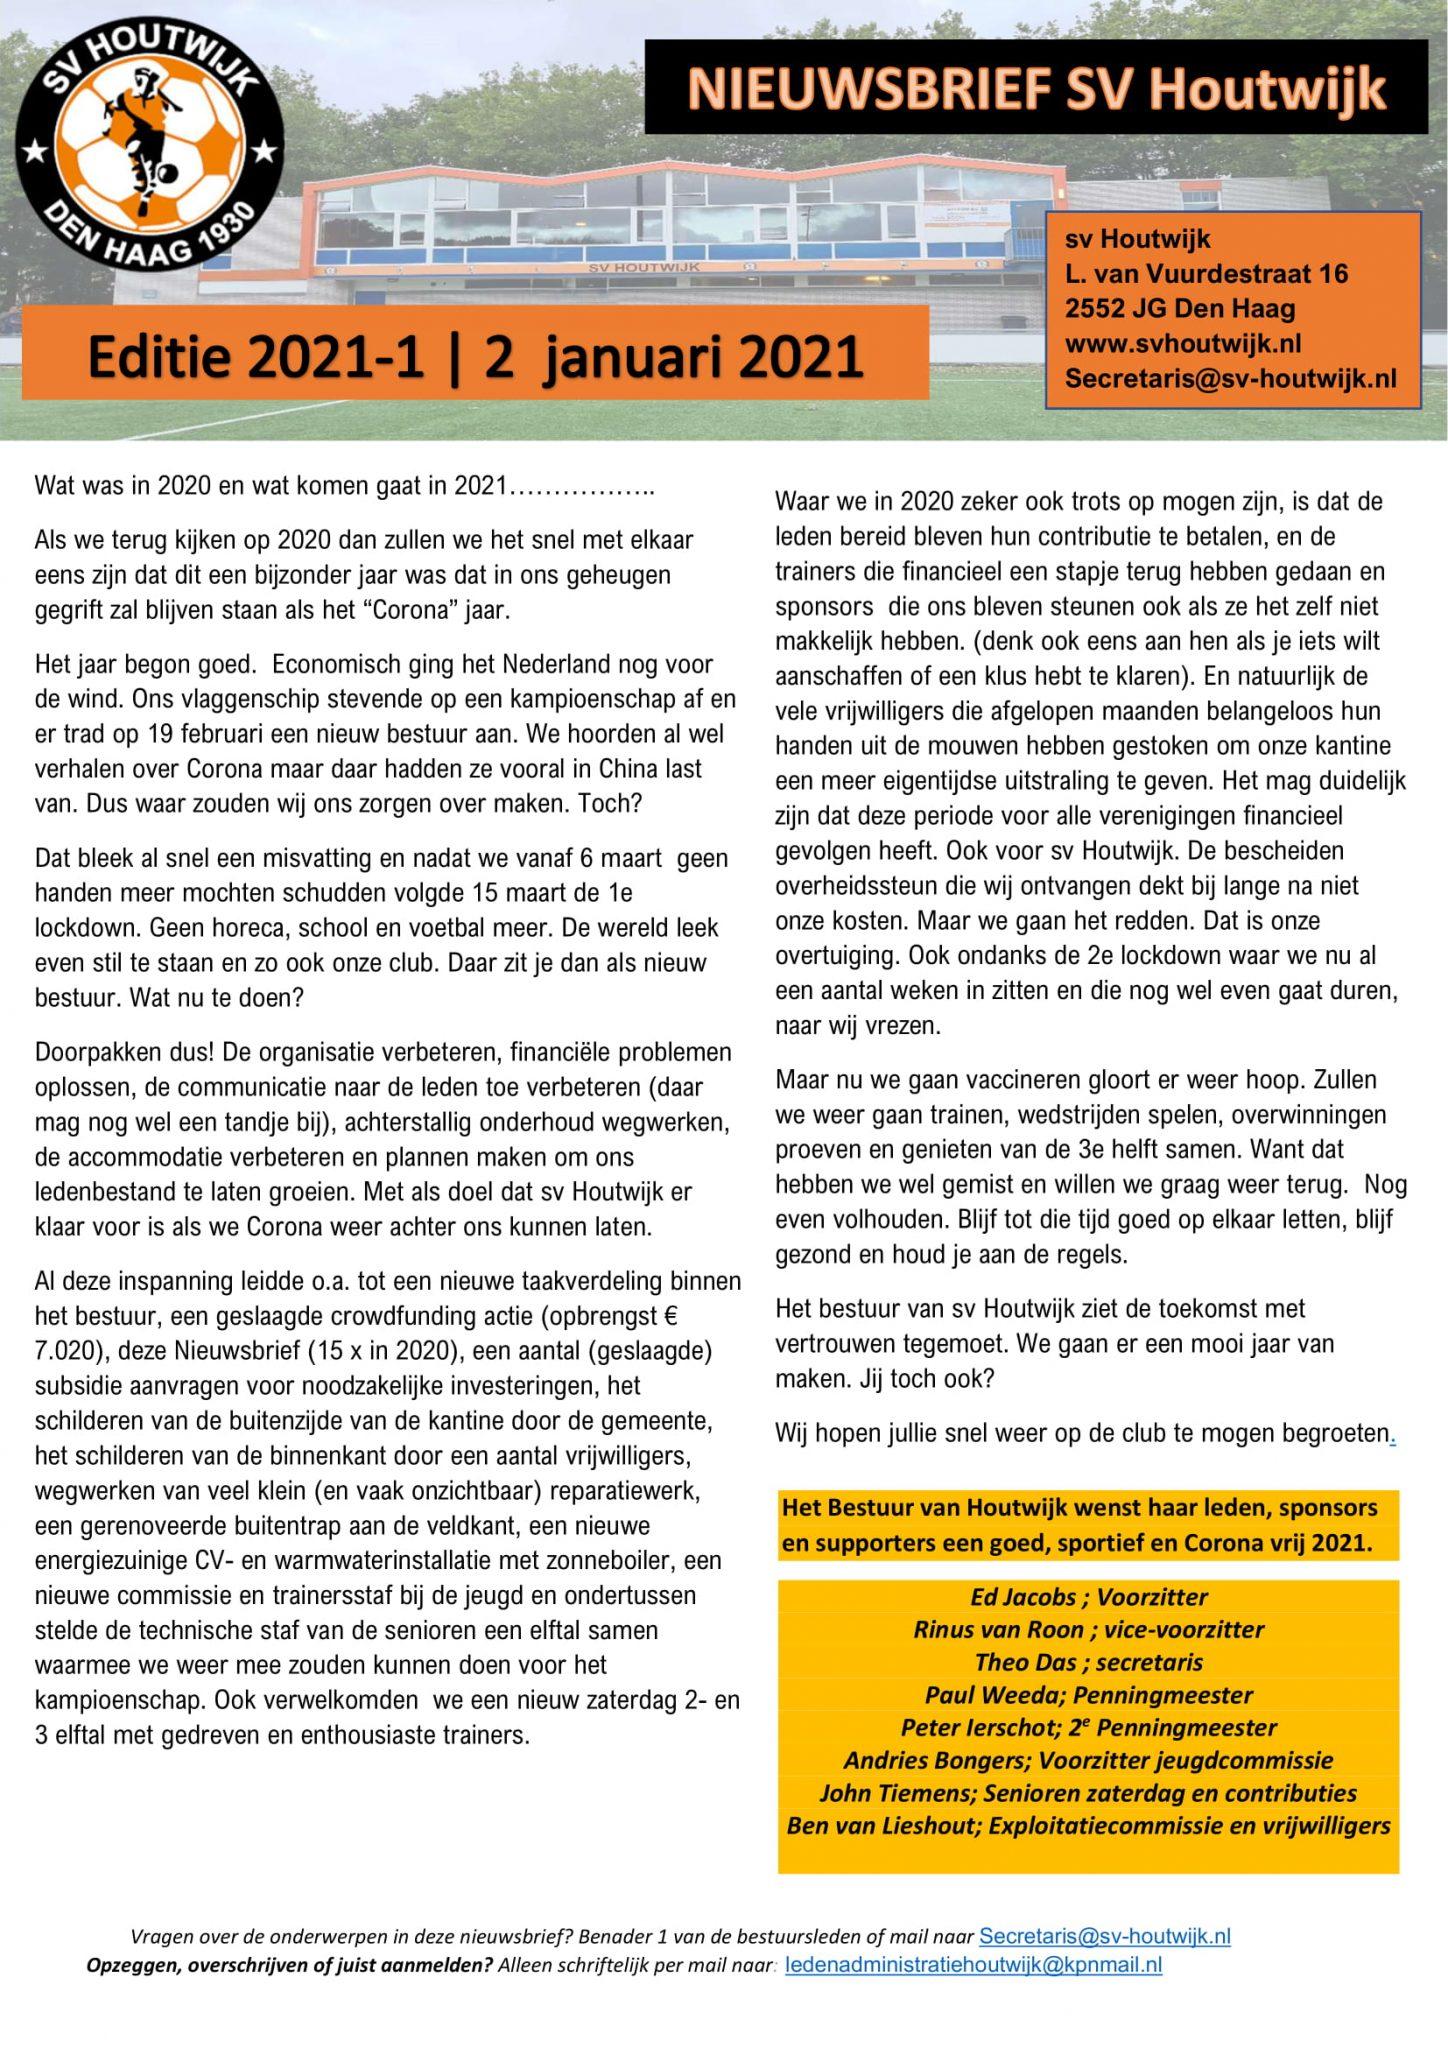 NieuwsBrief 2 Januari 2021